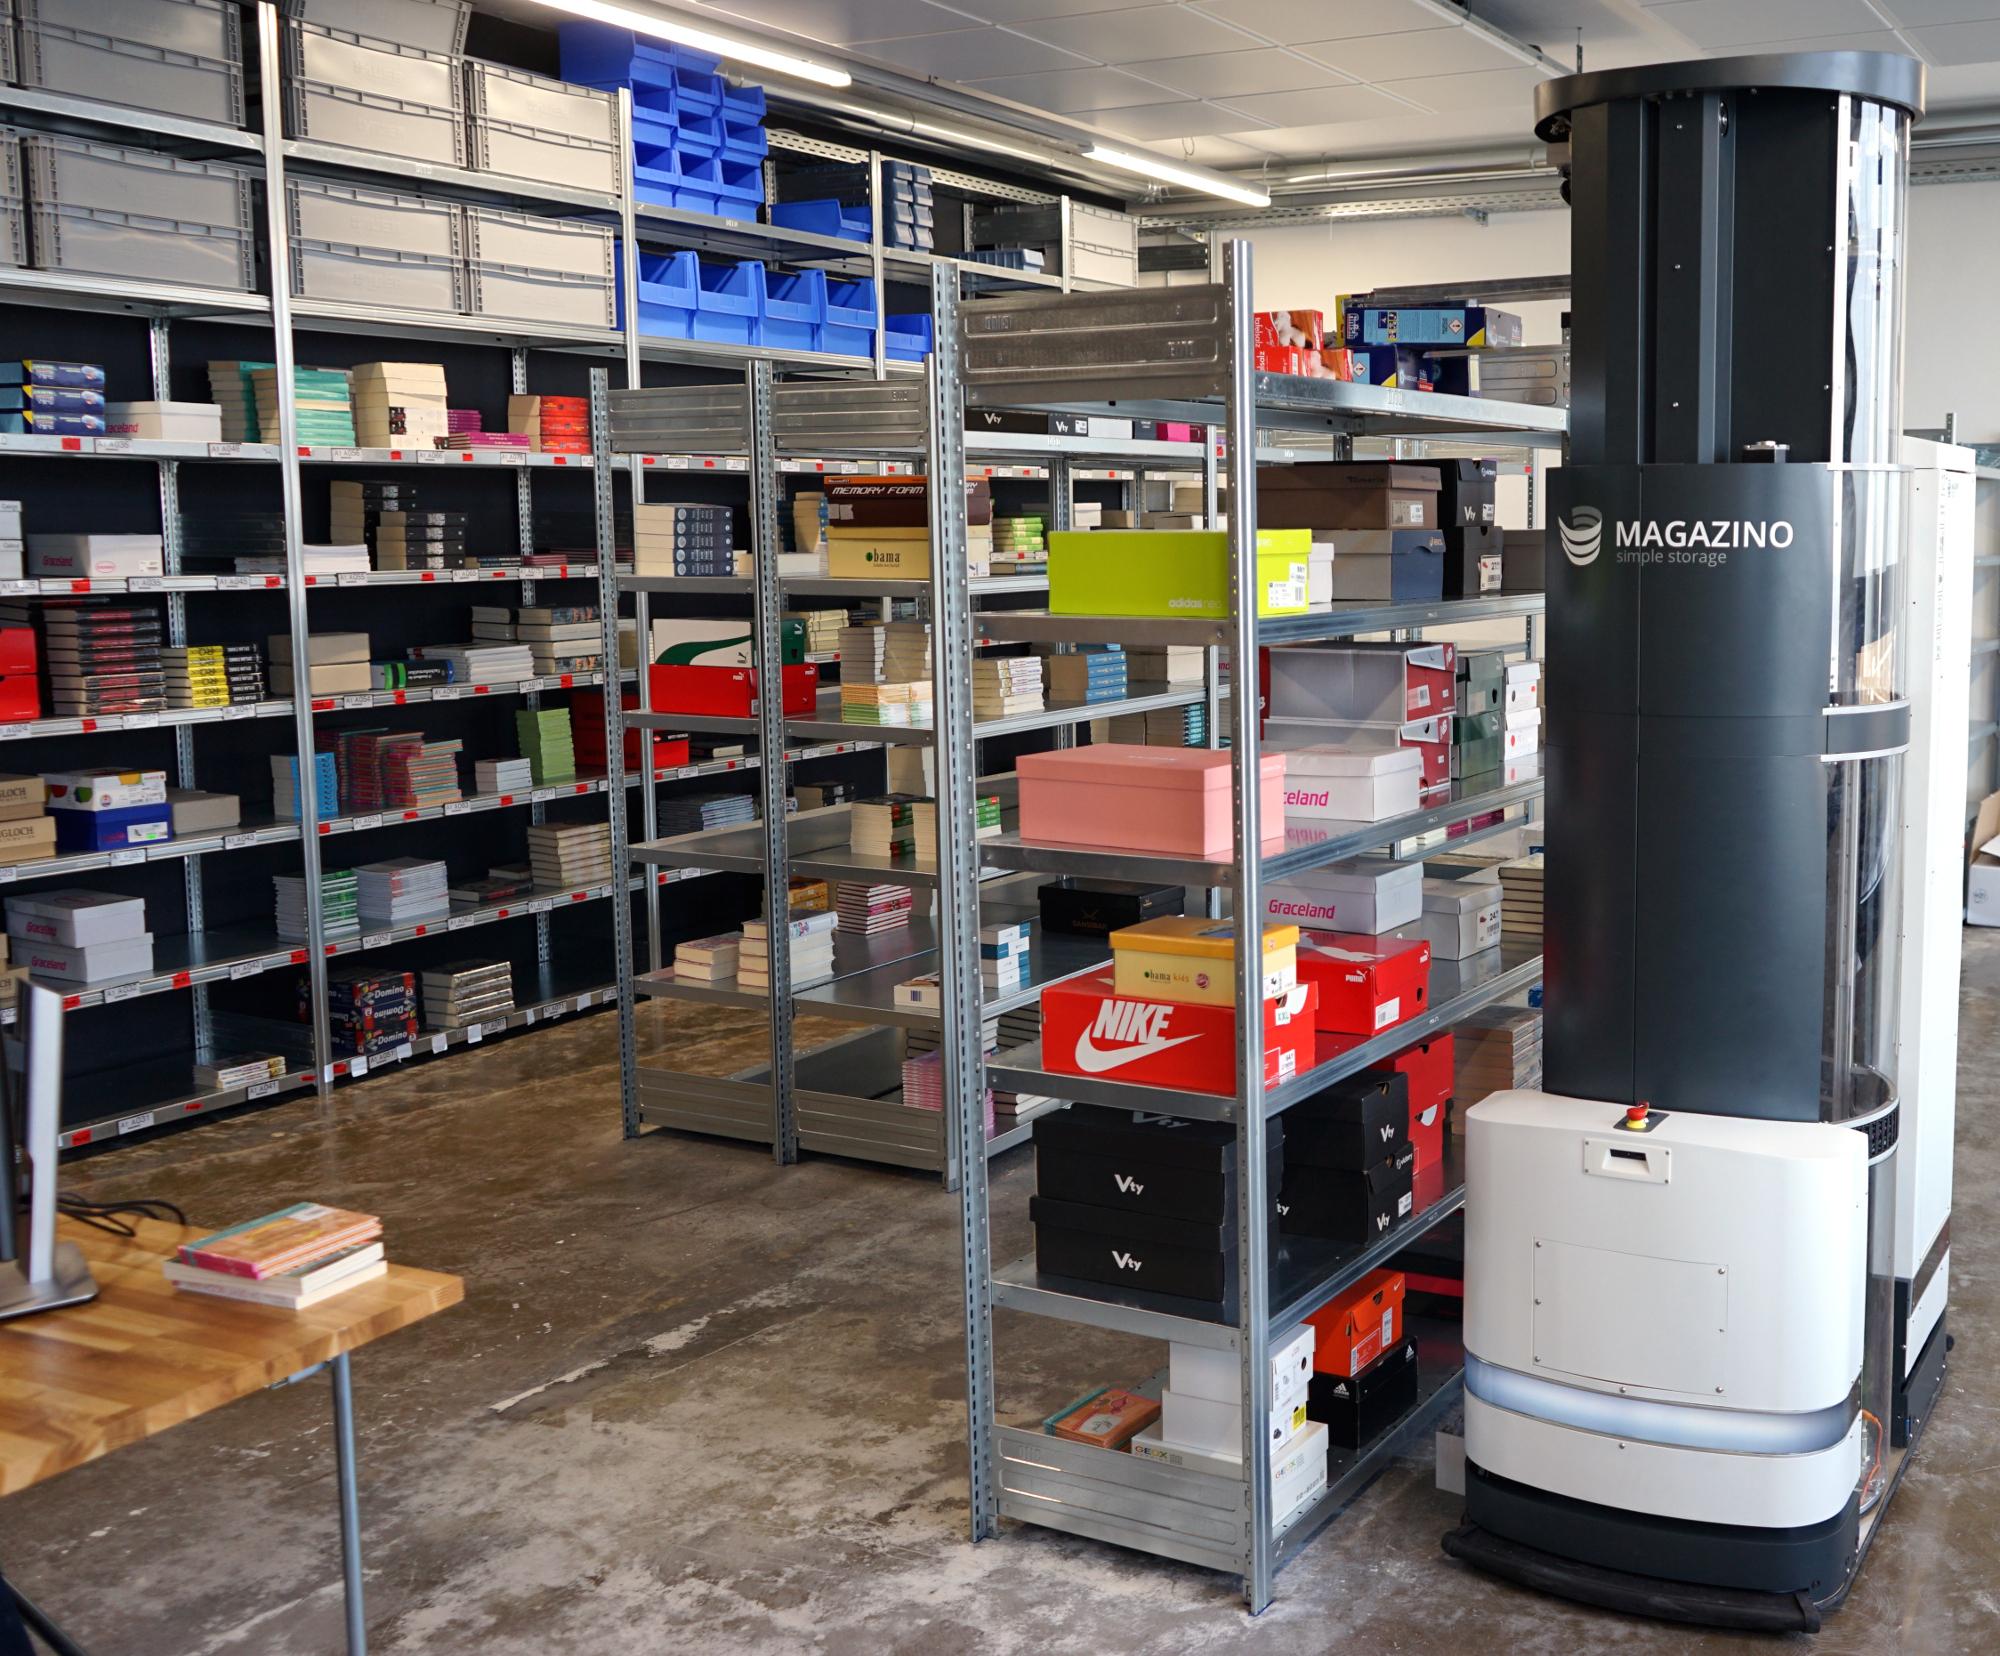 Galutinis Prekybos Robotas - Forex – prekybos strategijos, robotai, indikatoriai, pamokos